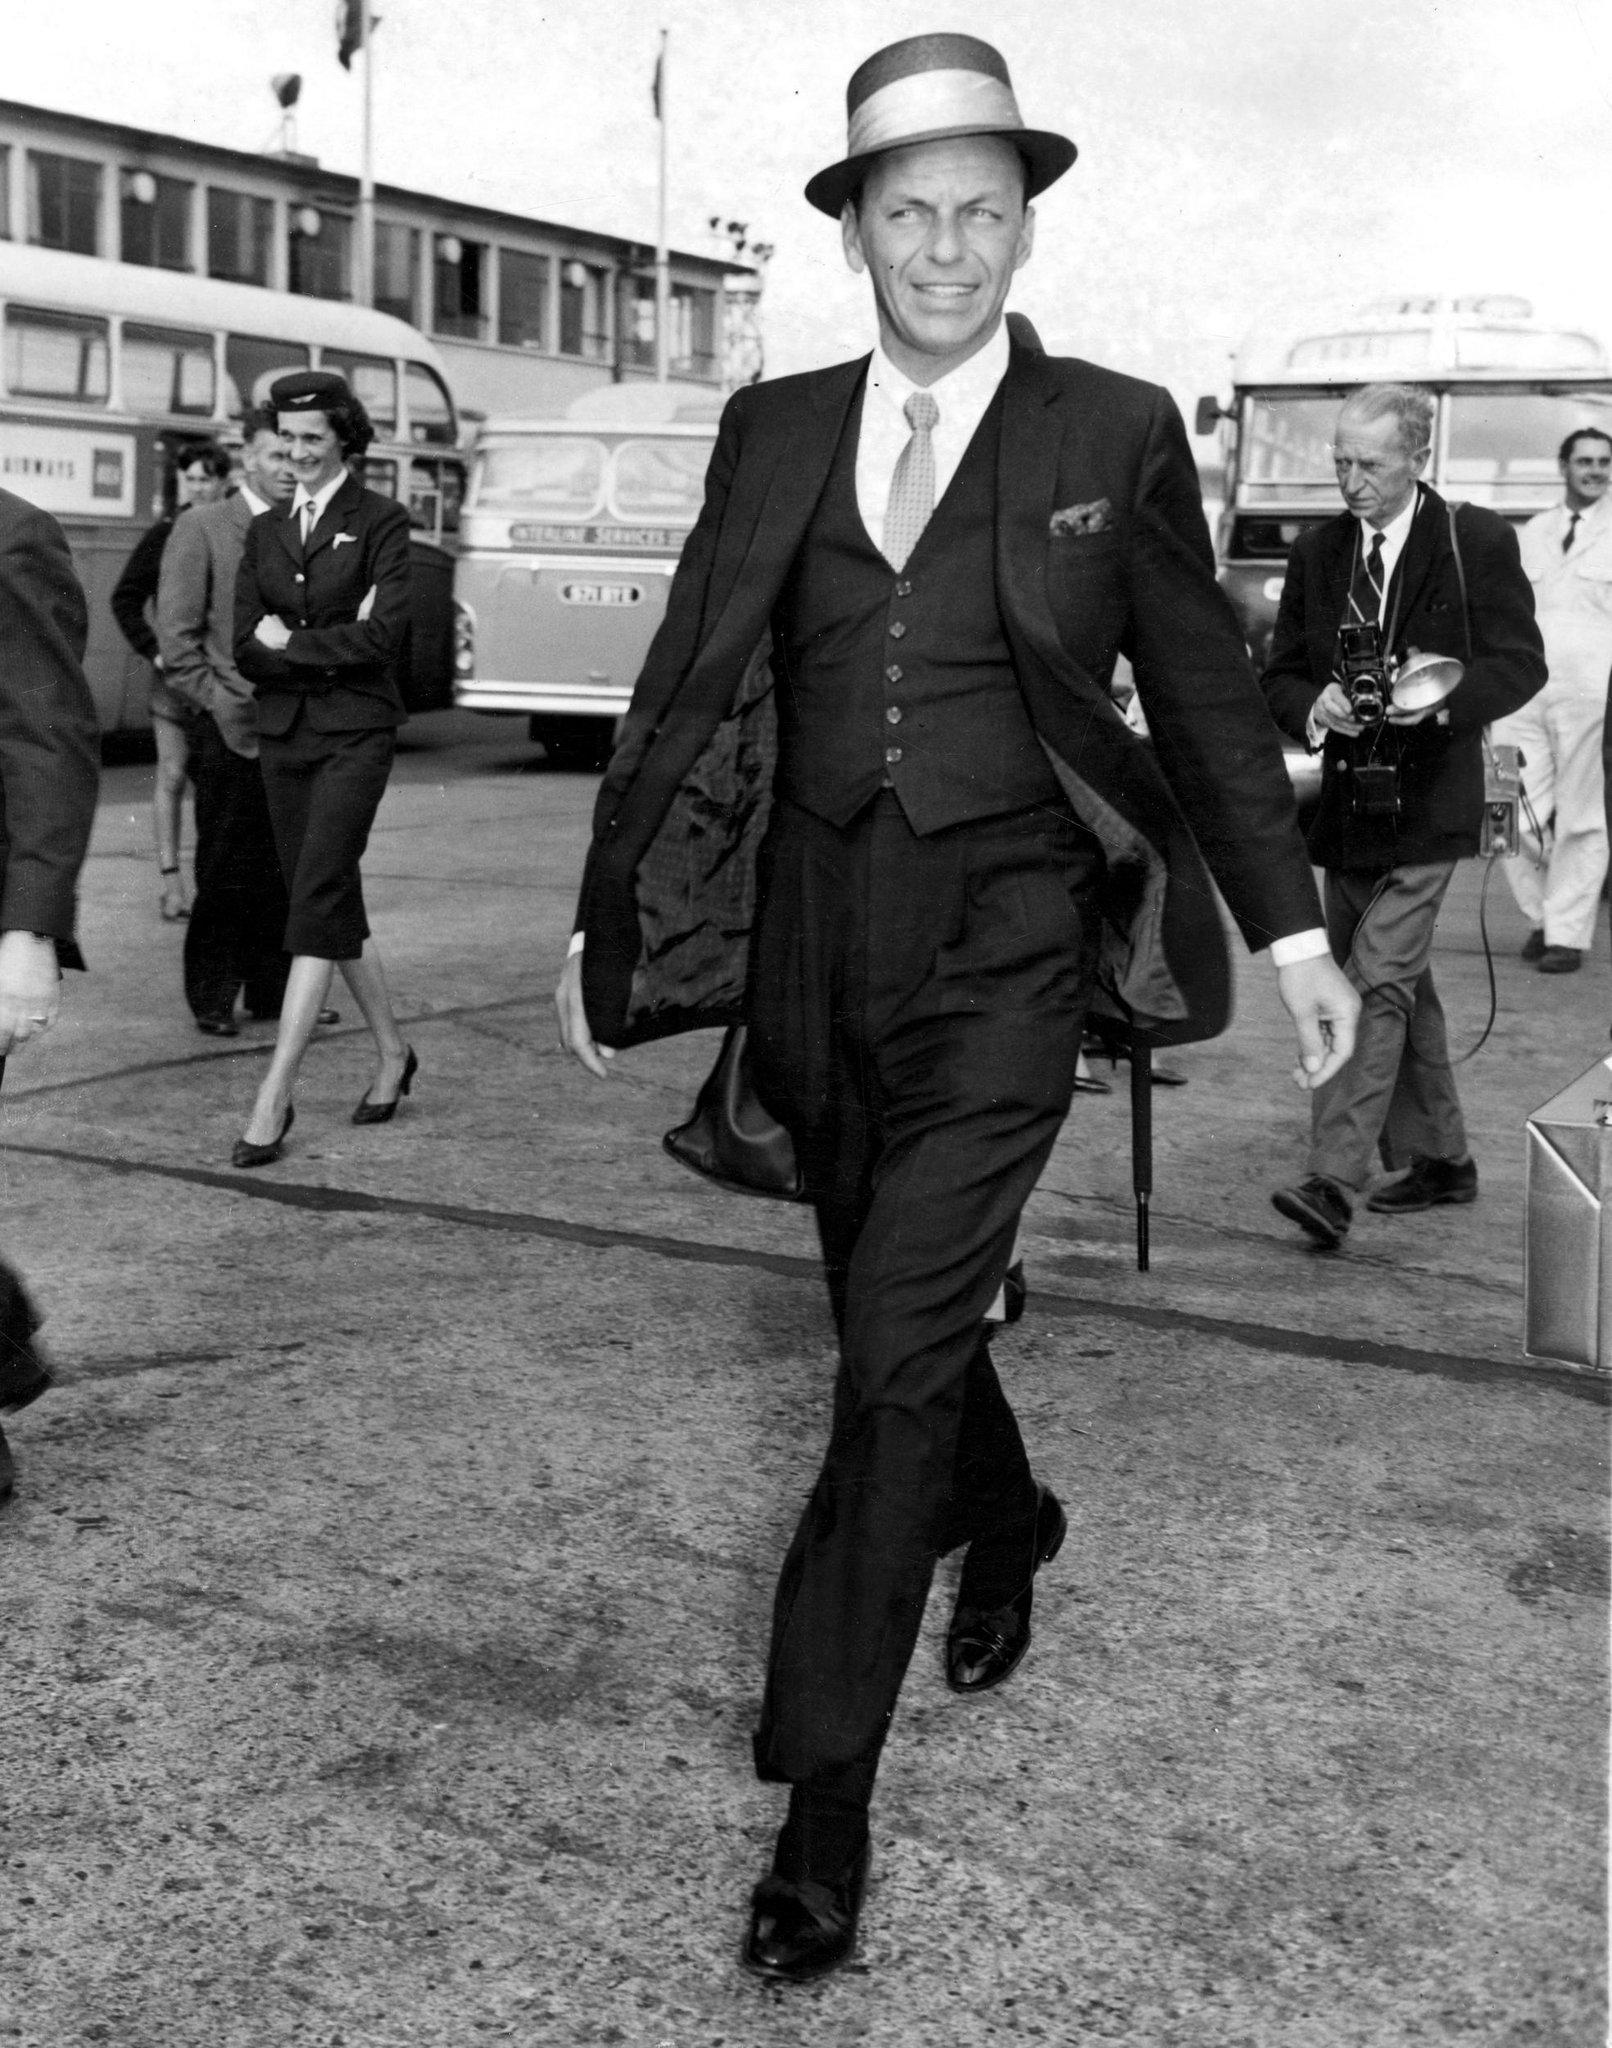 London in 1961